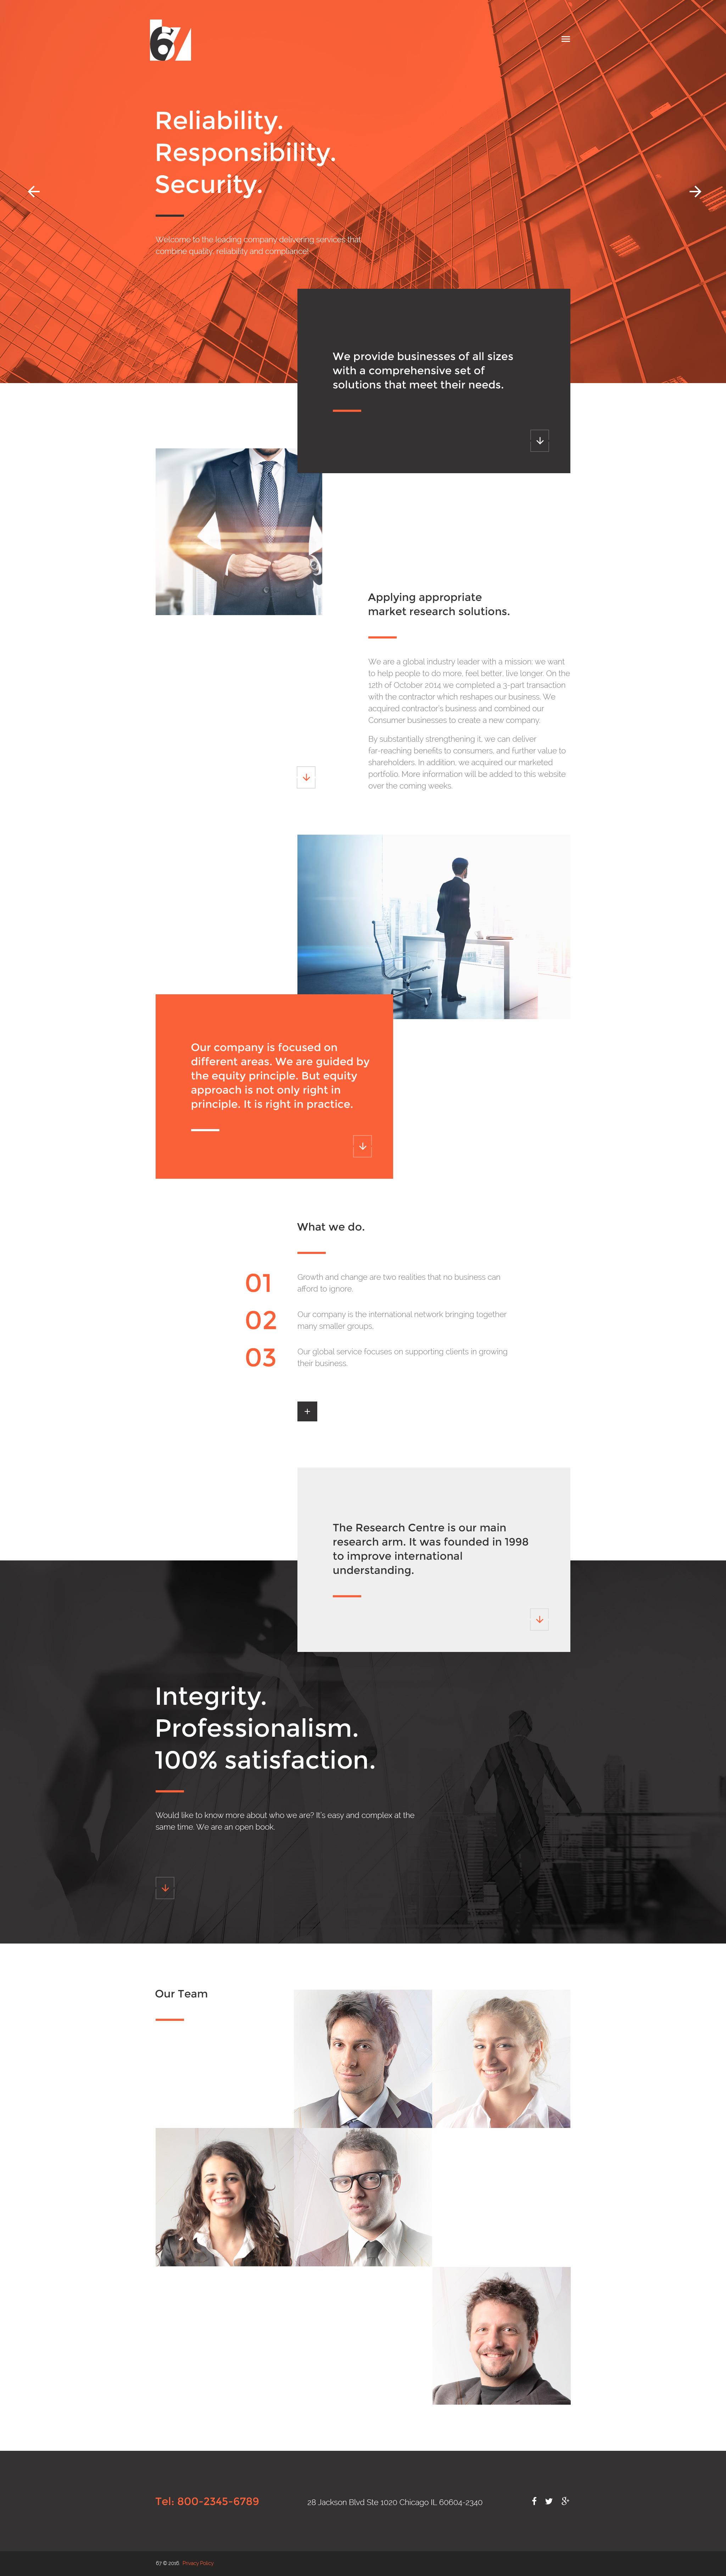 Six Website Template - screenshot